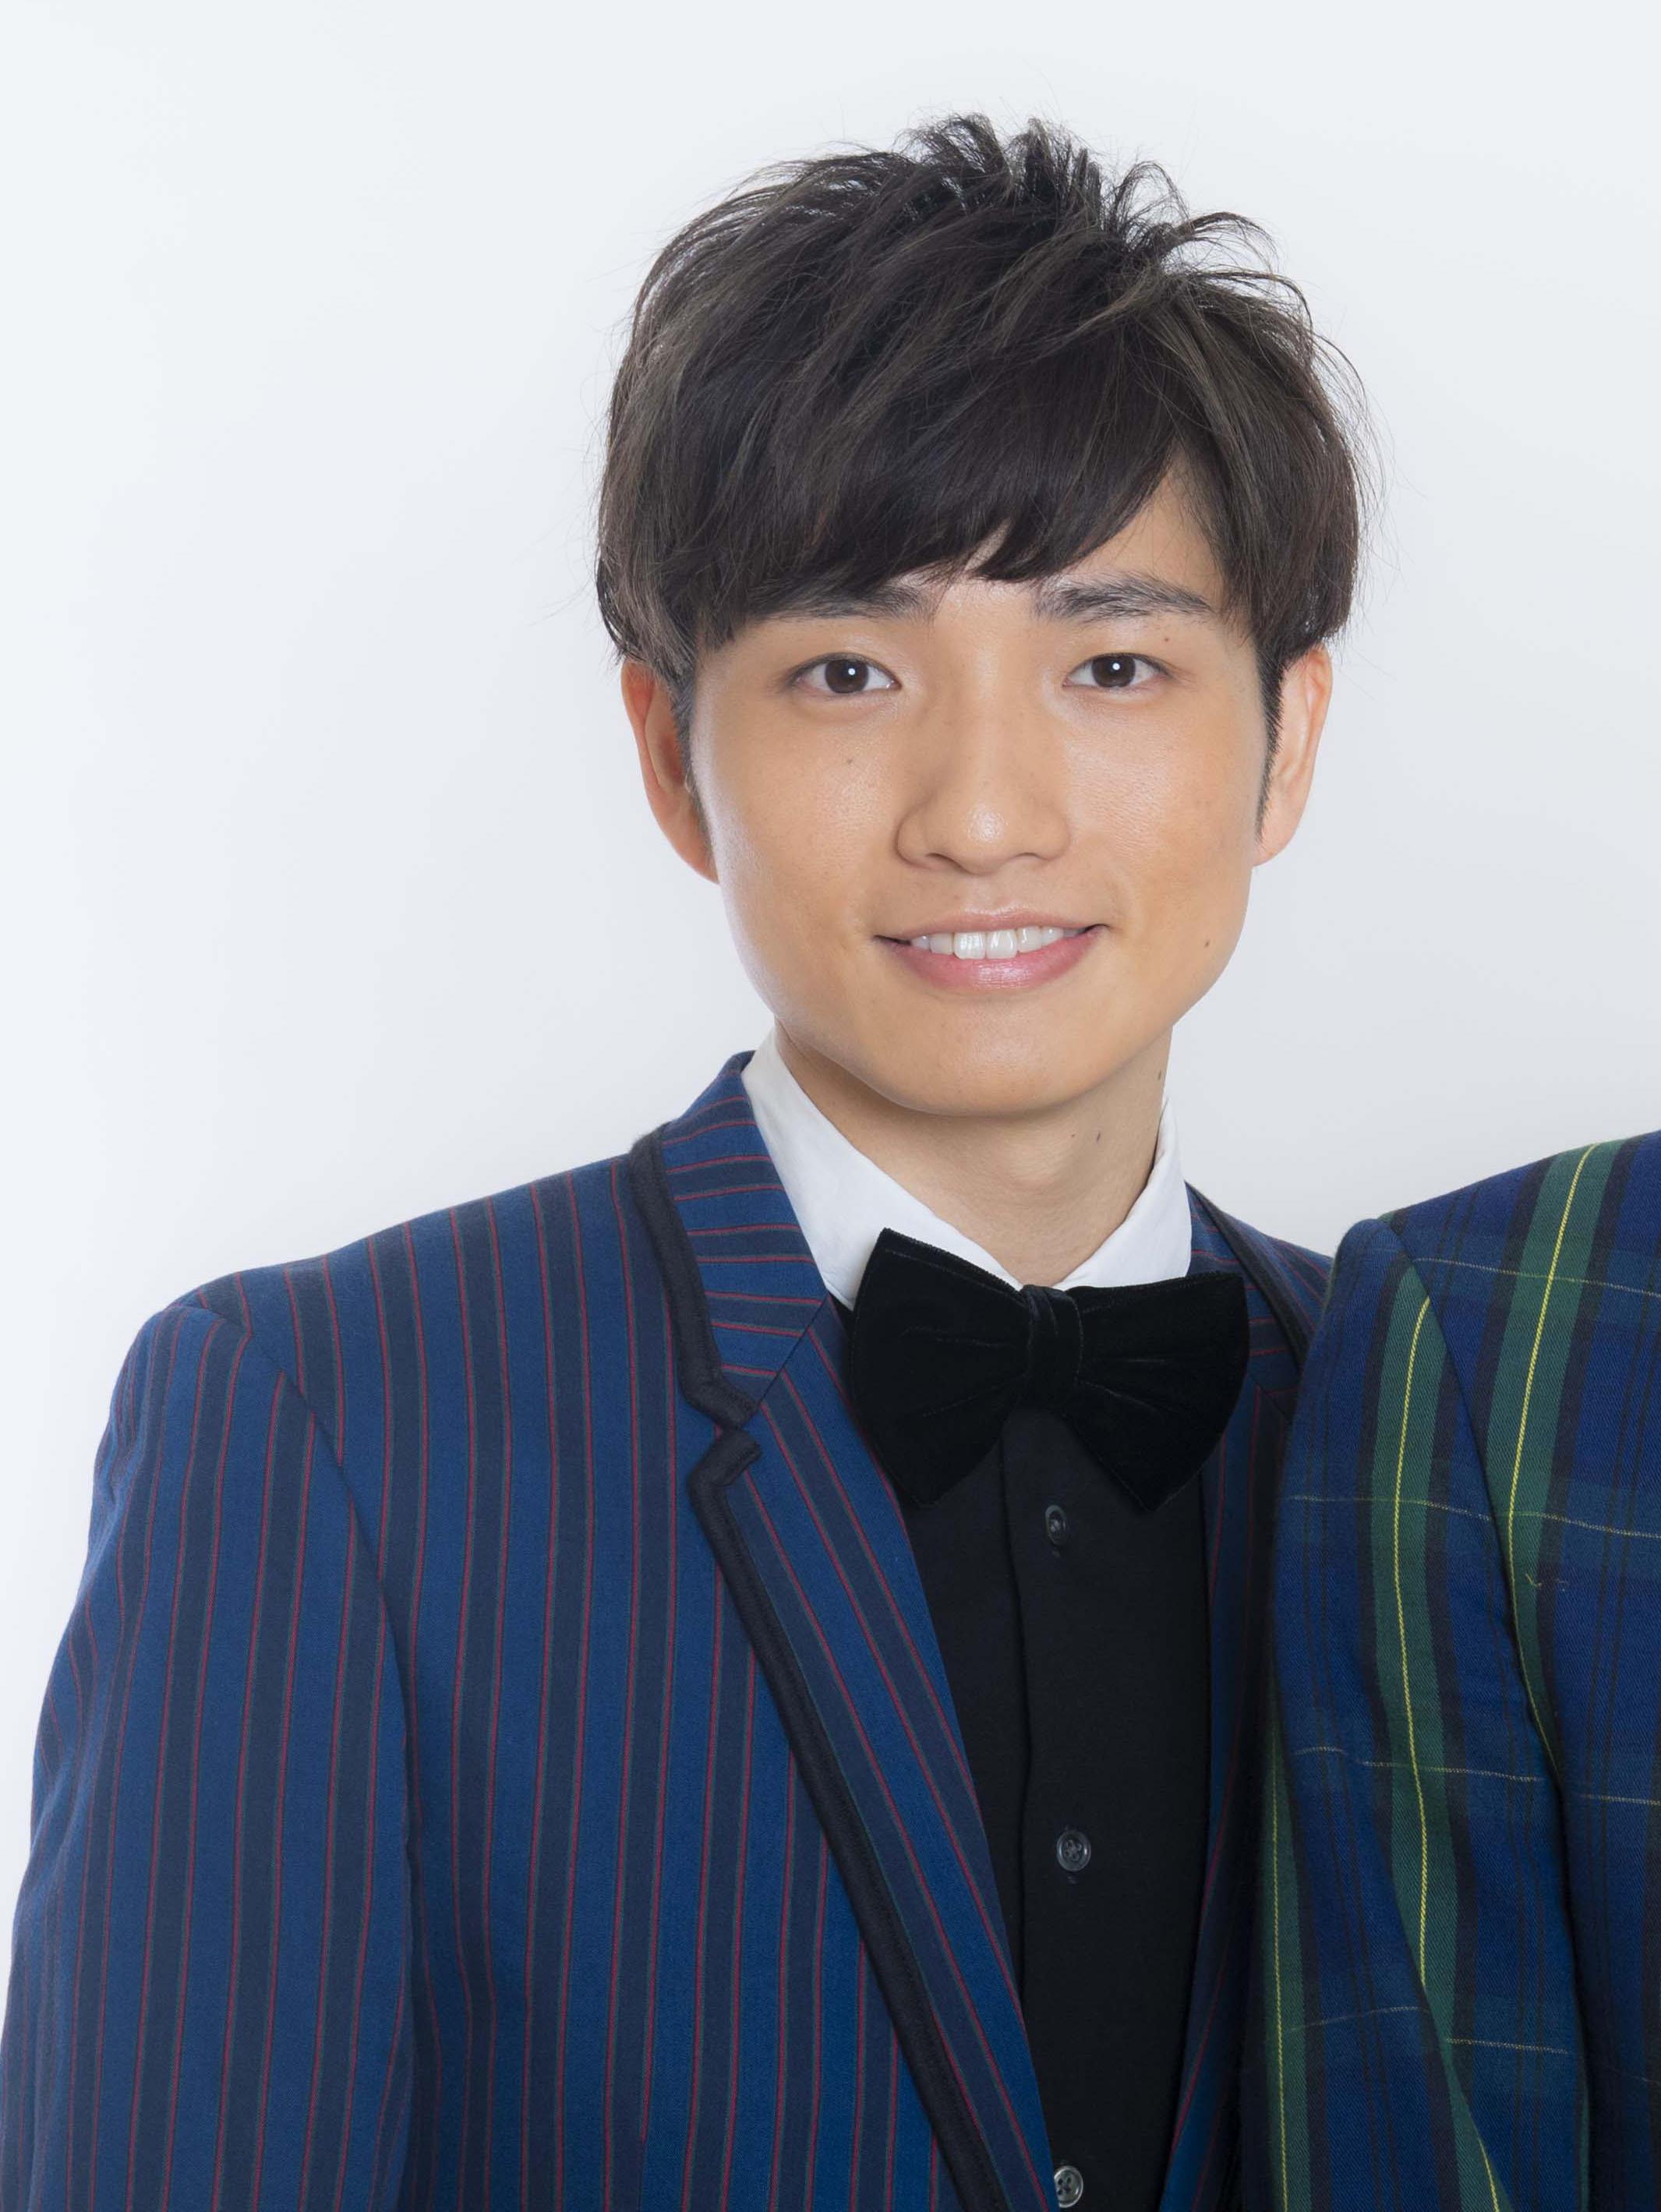 http://news.yoshimoto.co.jp/20181228133553-7e22b1c1dfcc073b2bf74d21583406c8950089b0.jpg